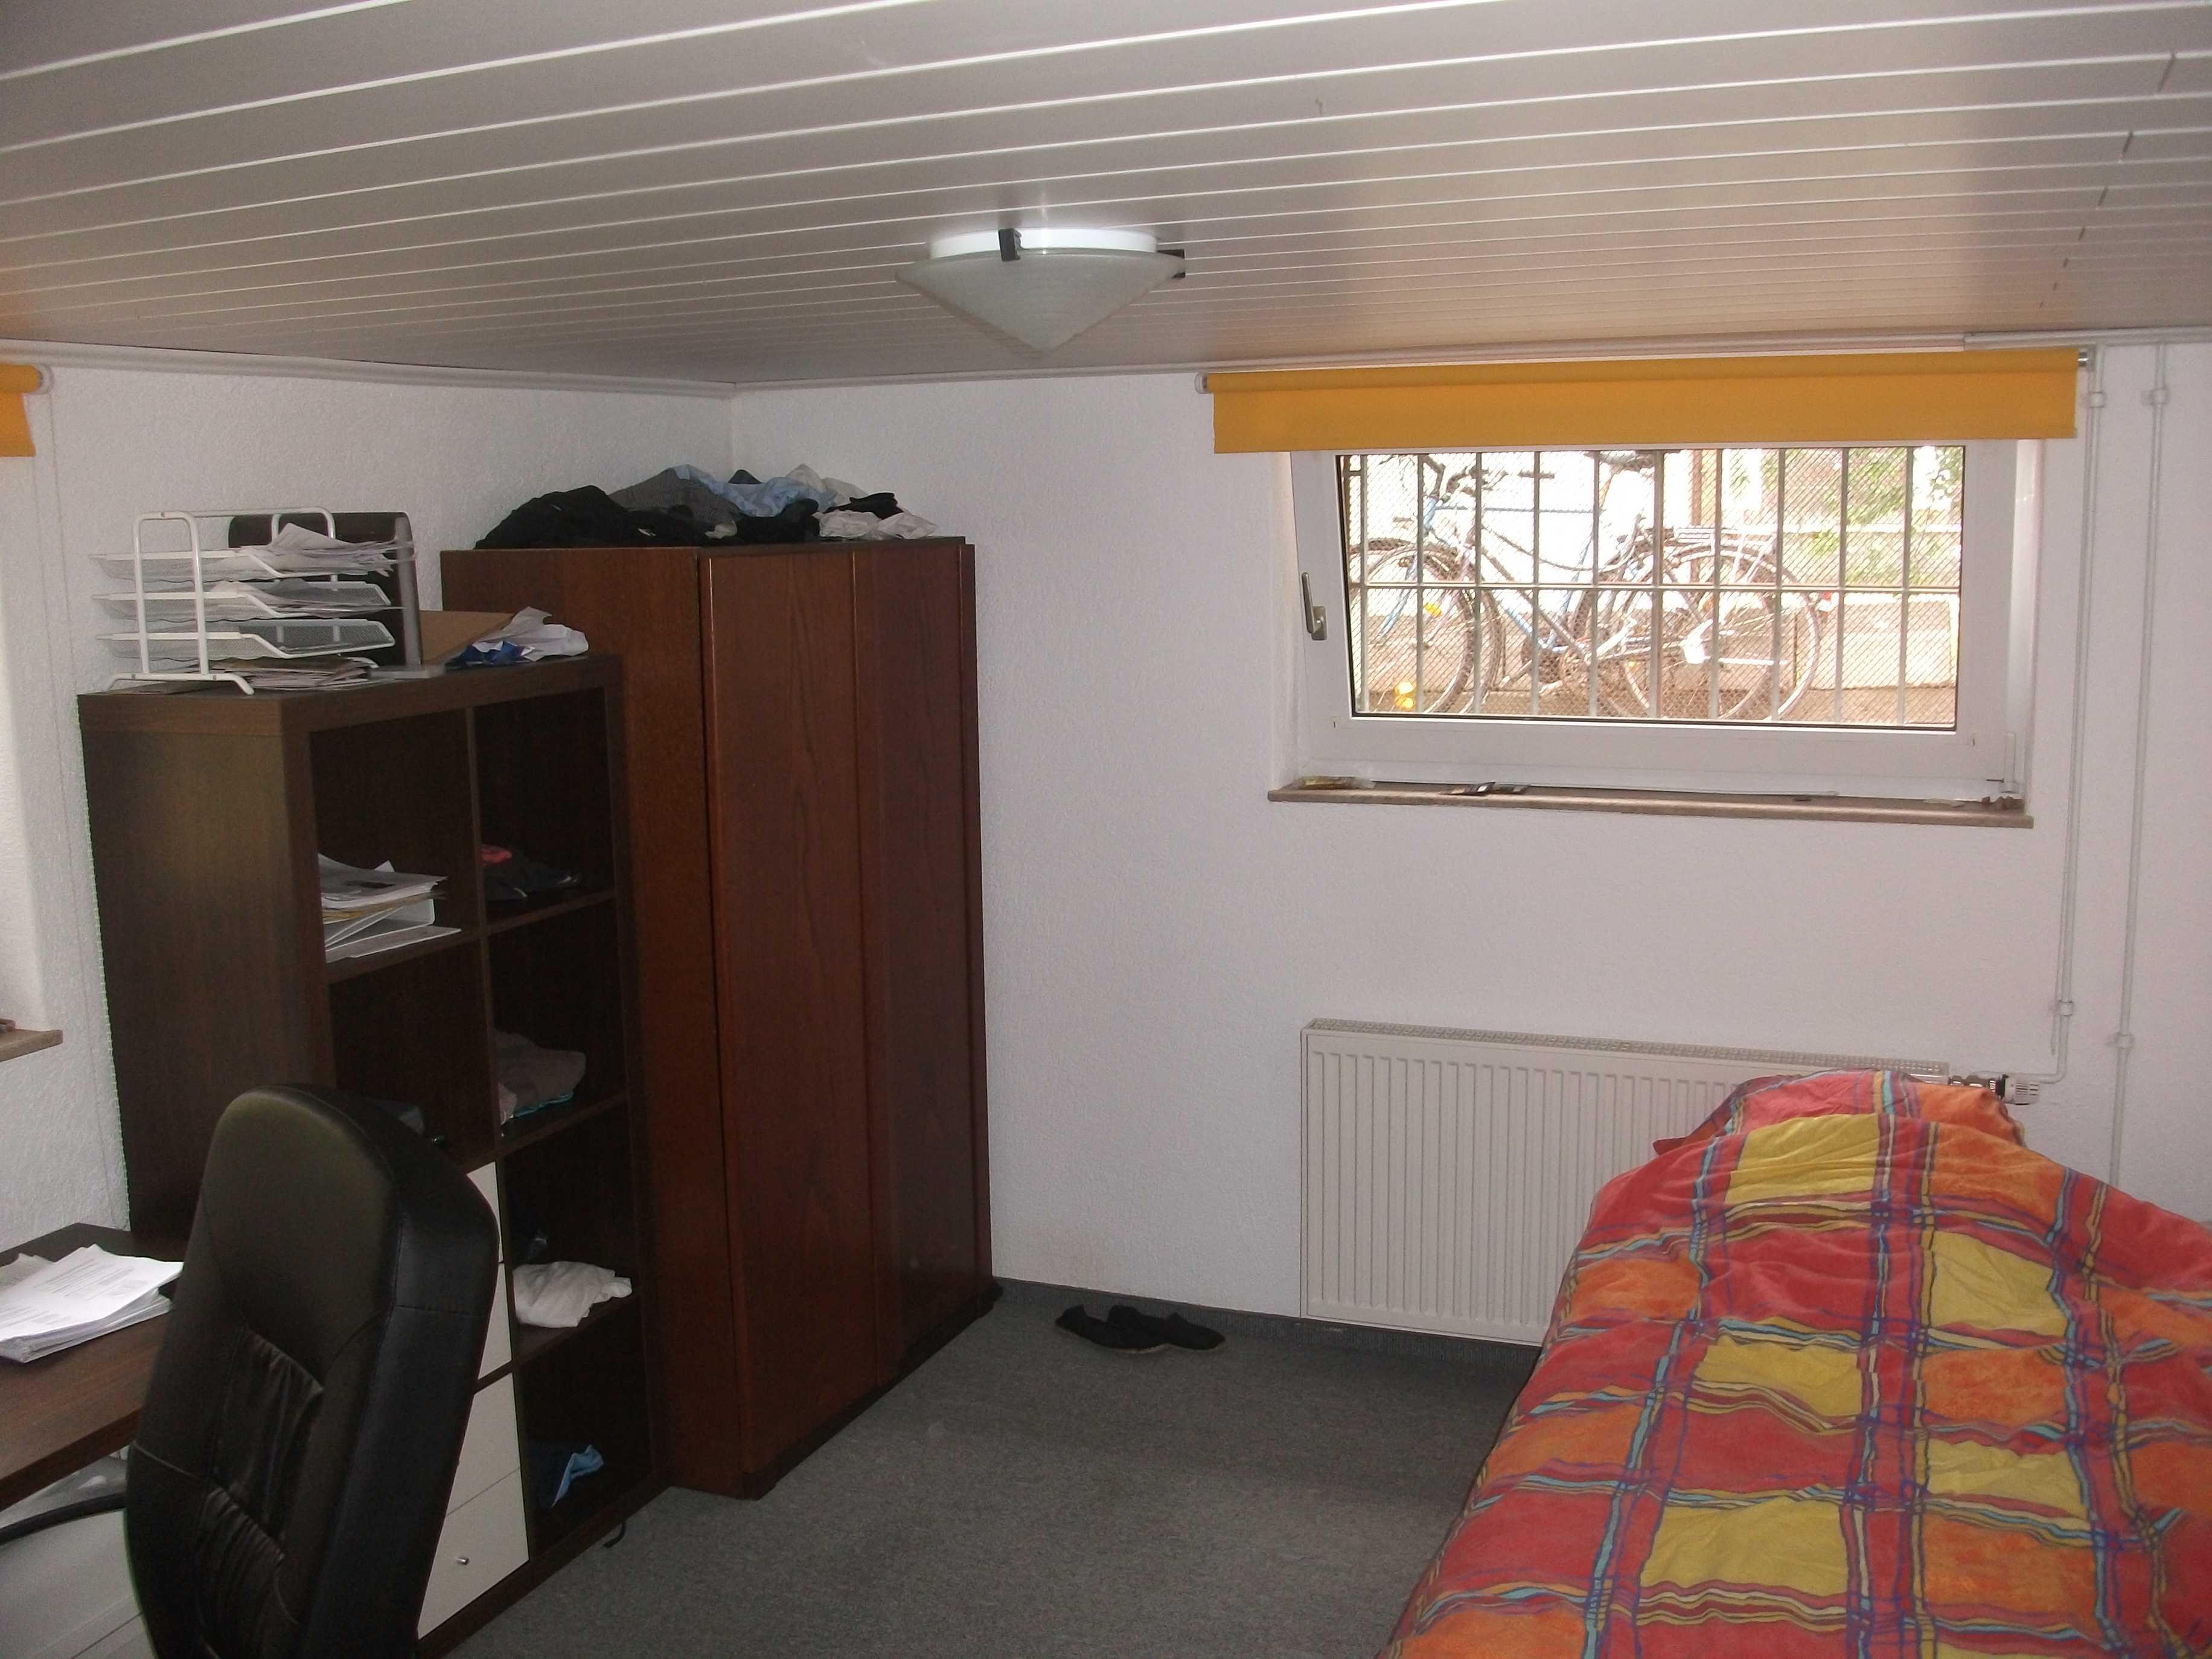 wohnung im keller klimaanlage und heizung zu hause. Black Bedroom Furniture Sets. Home Design Ideas